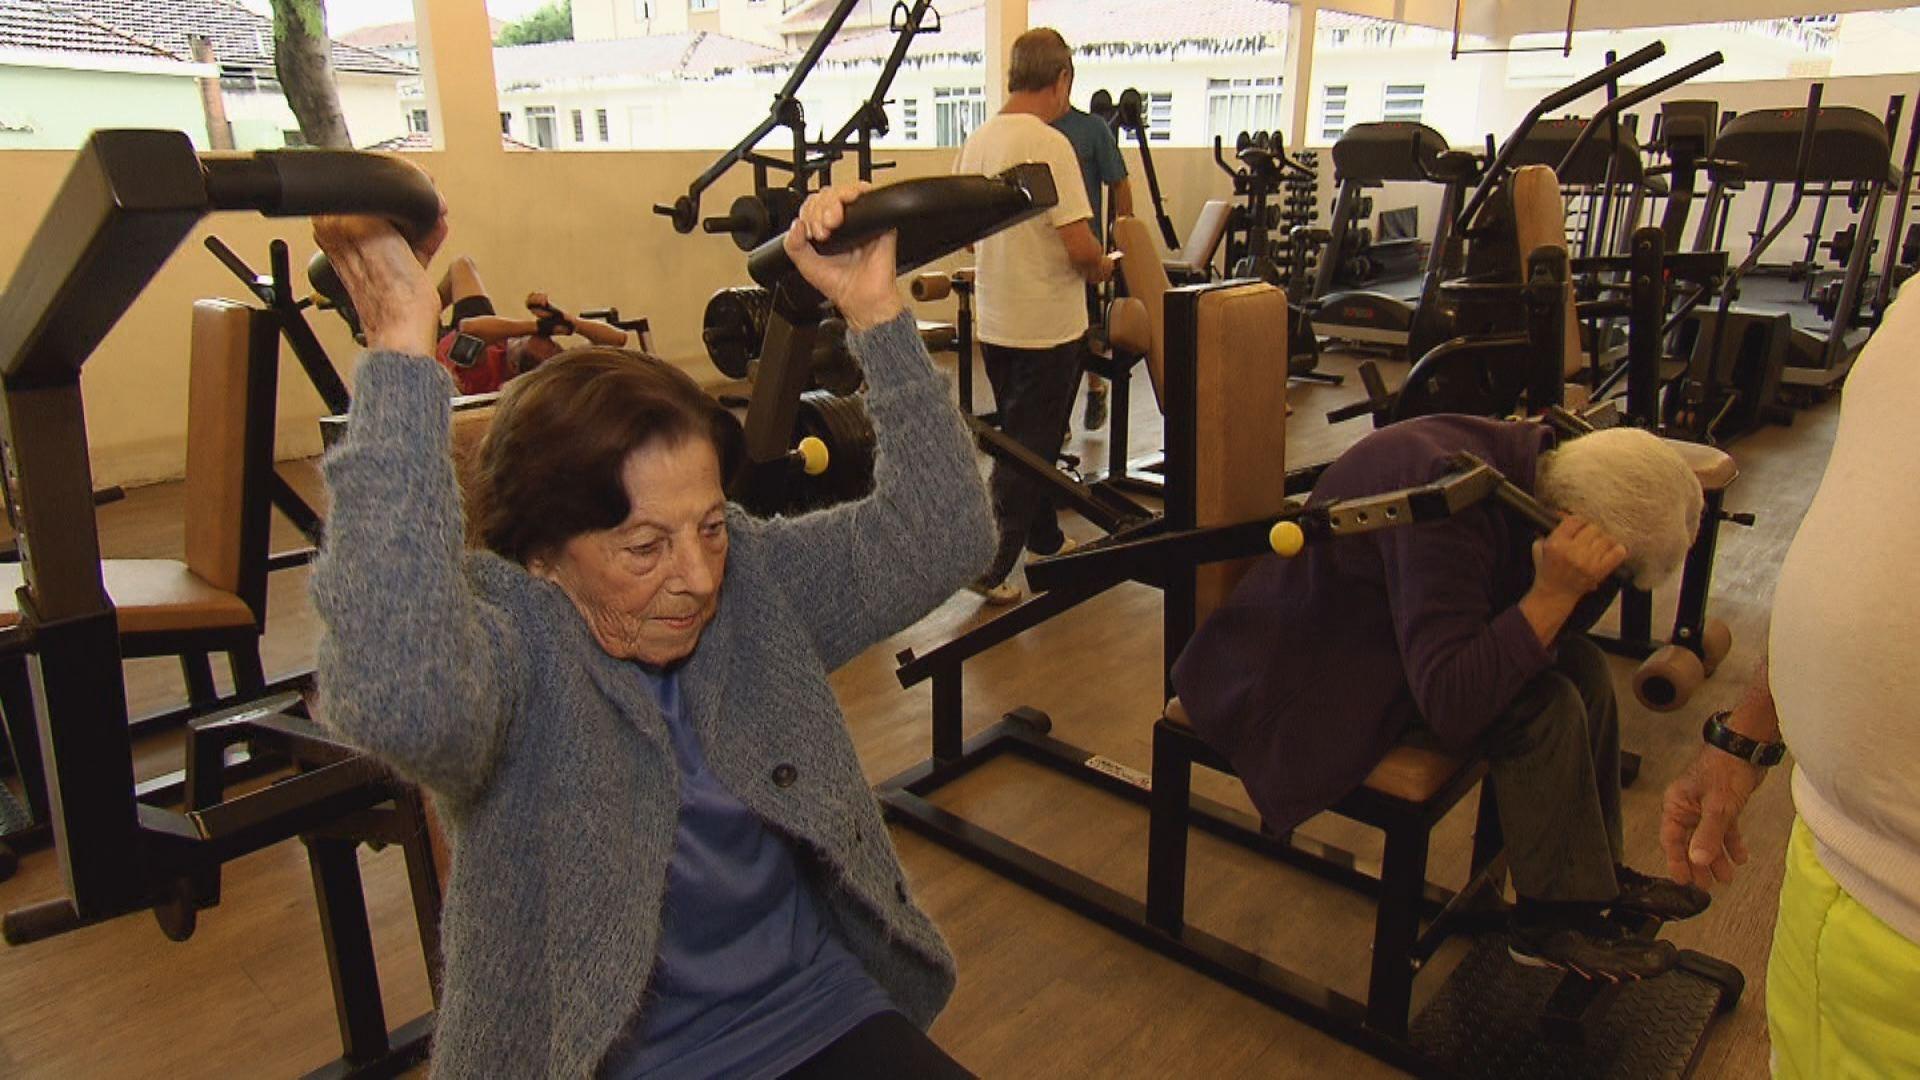 Descubra quais os segredos para longevidade (Foto: Reprodução/TV Tribuna)